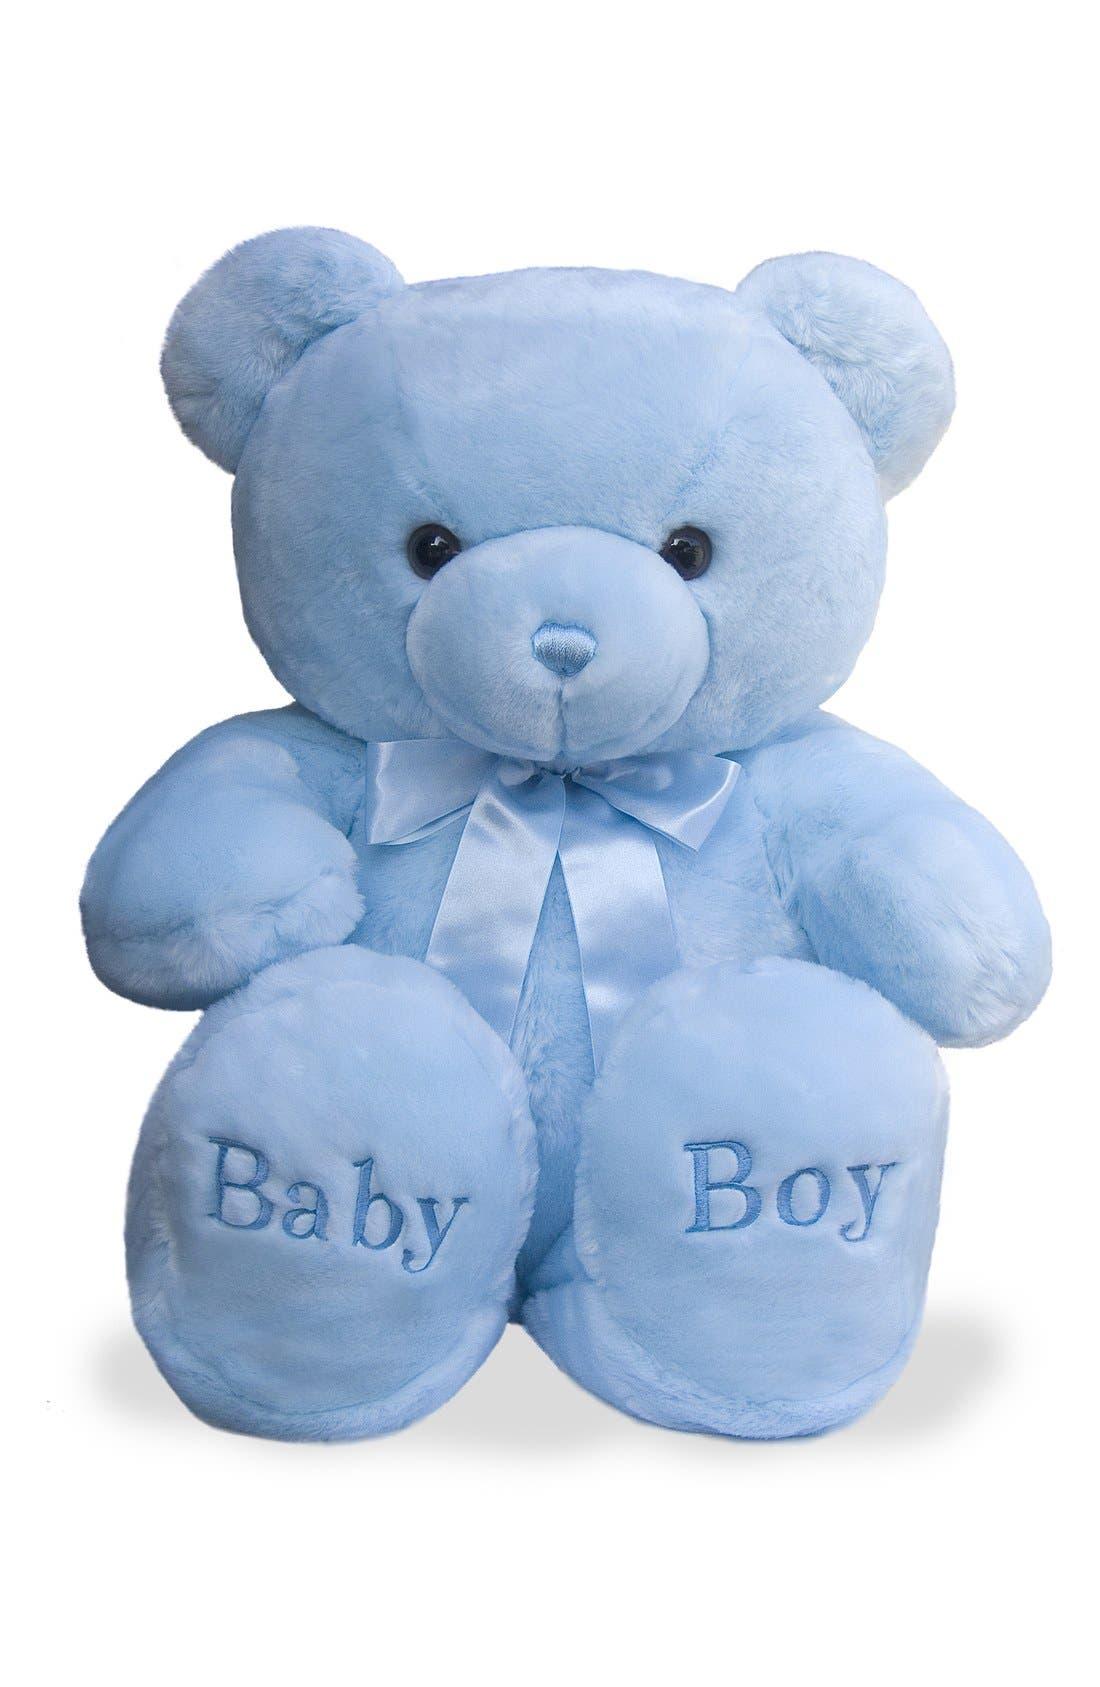 Aurora World Toys 'Comfy' Stuffed Teddy Bear